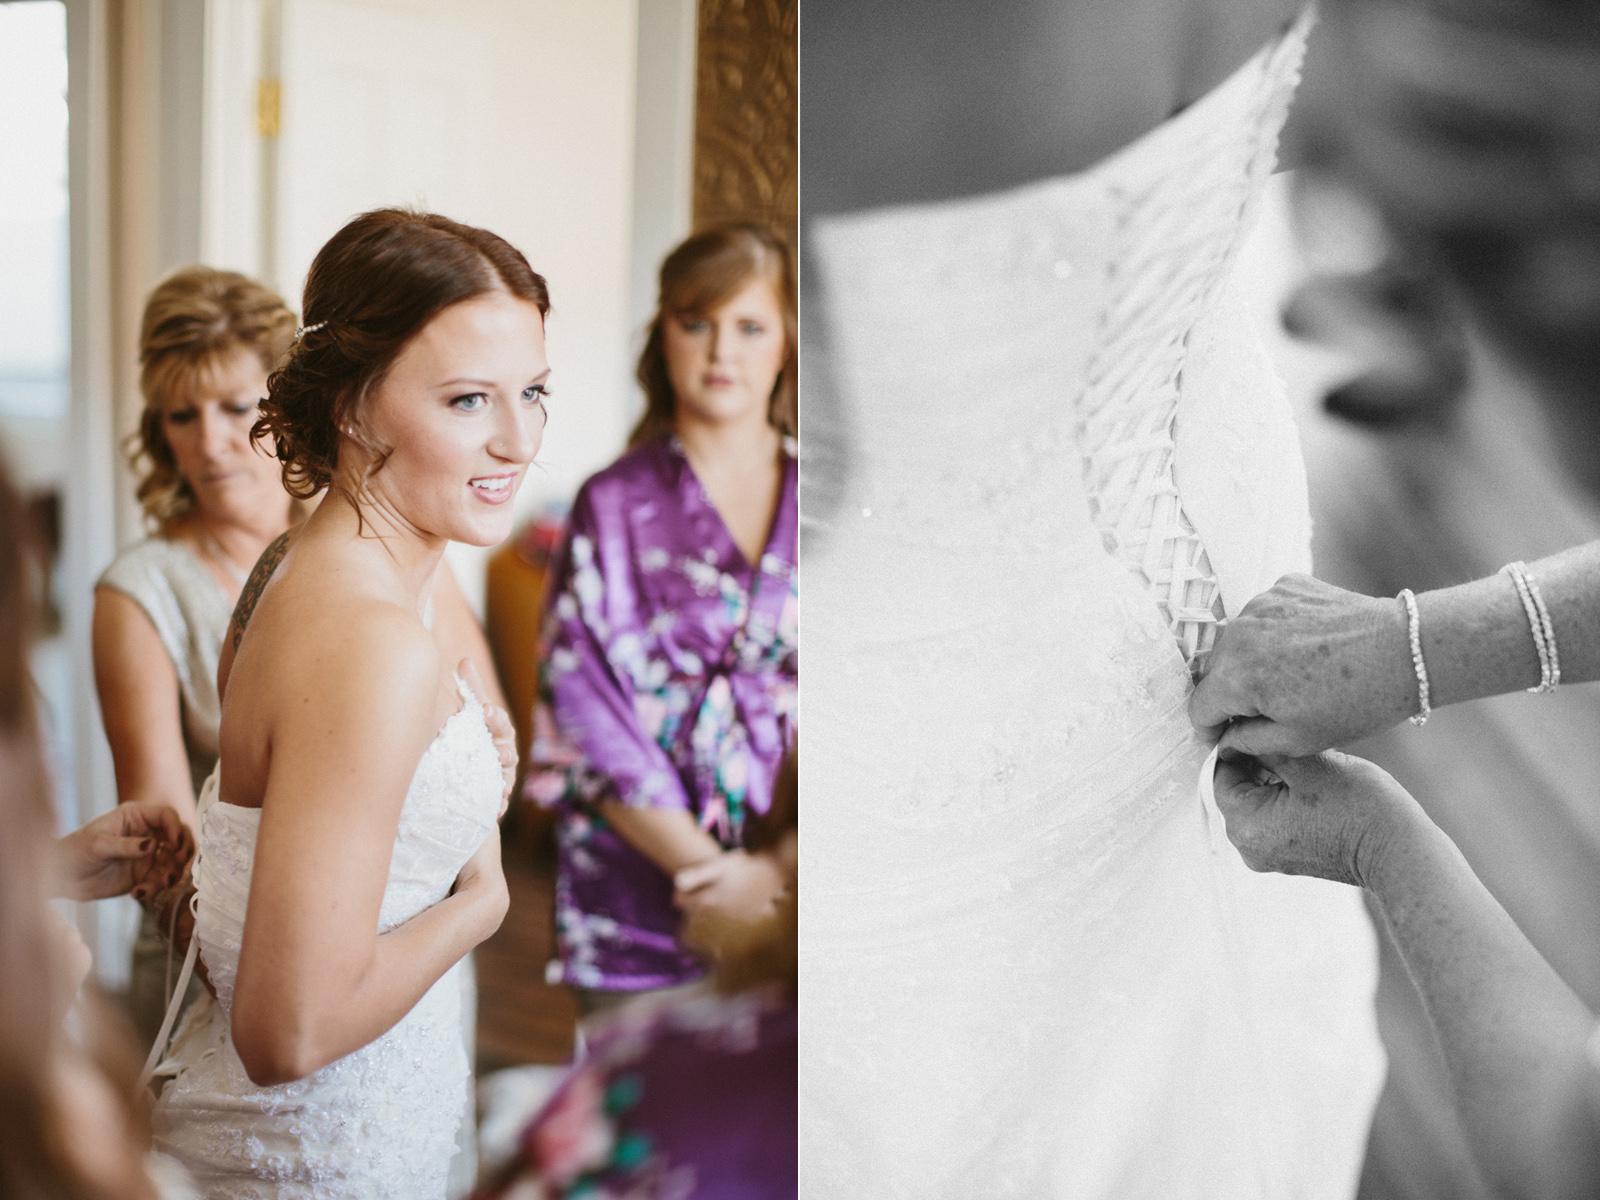 israel&aubrey_siouxfalls_wedding_photographer_22.jpg